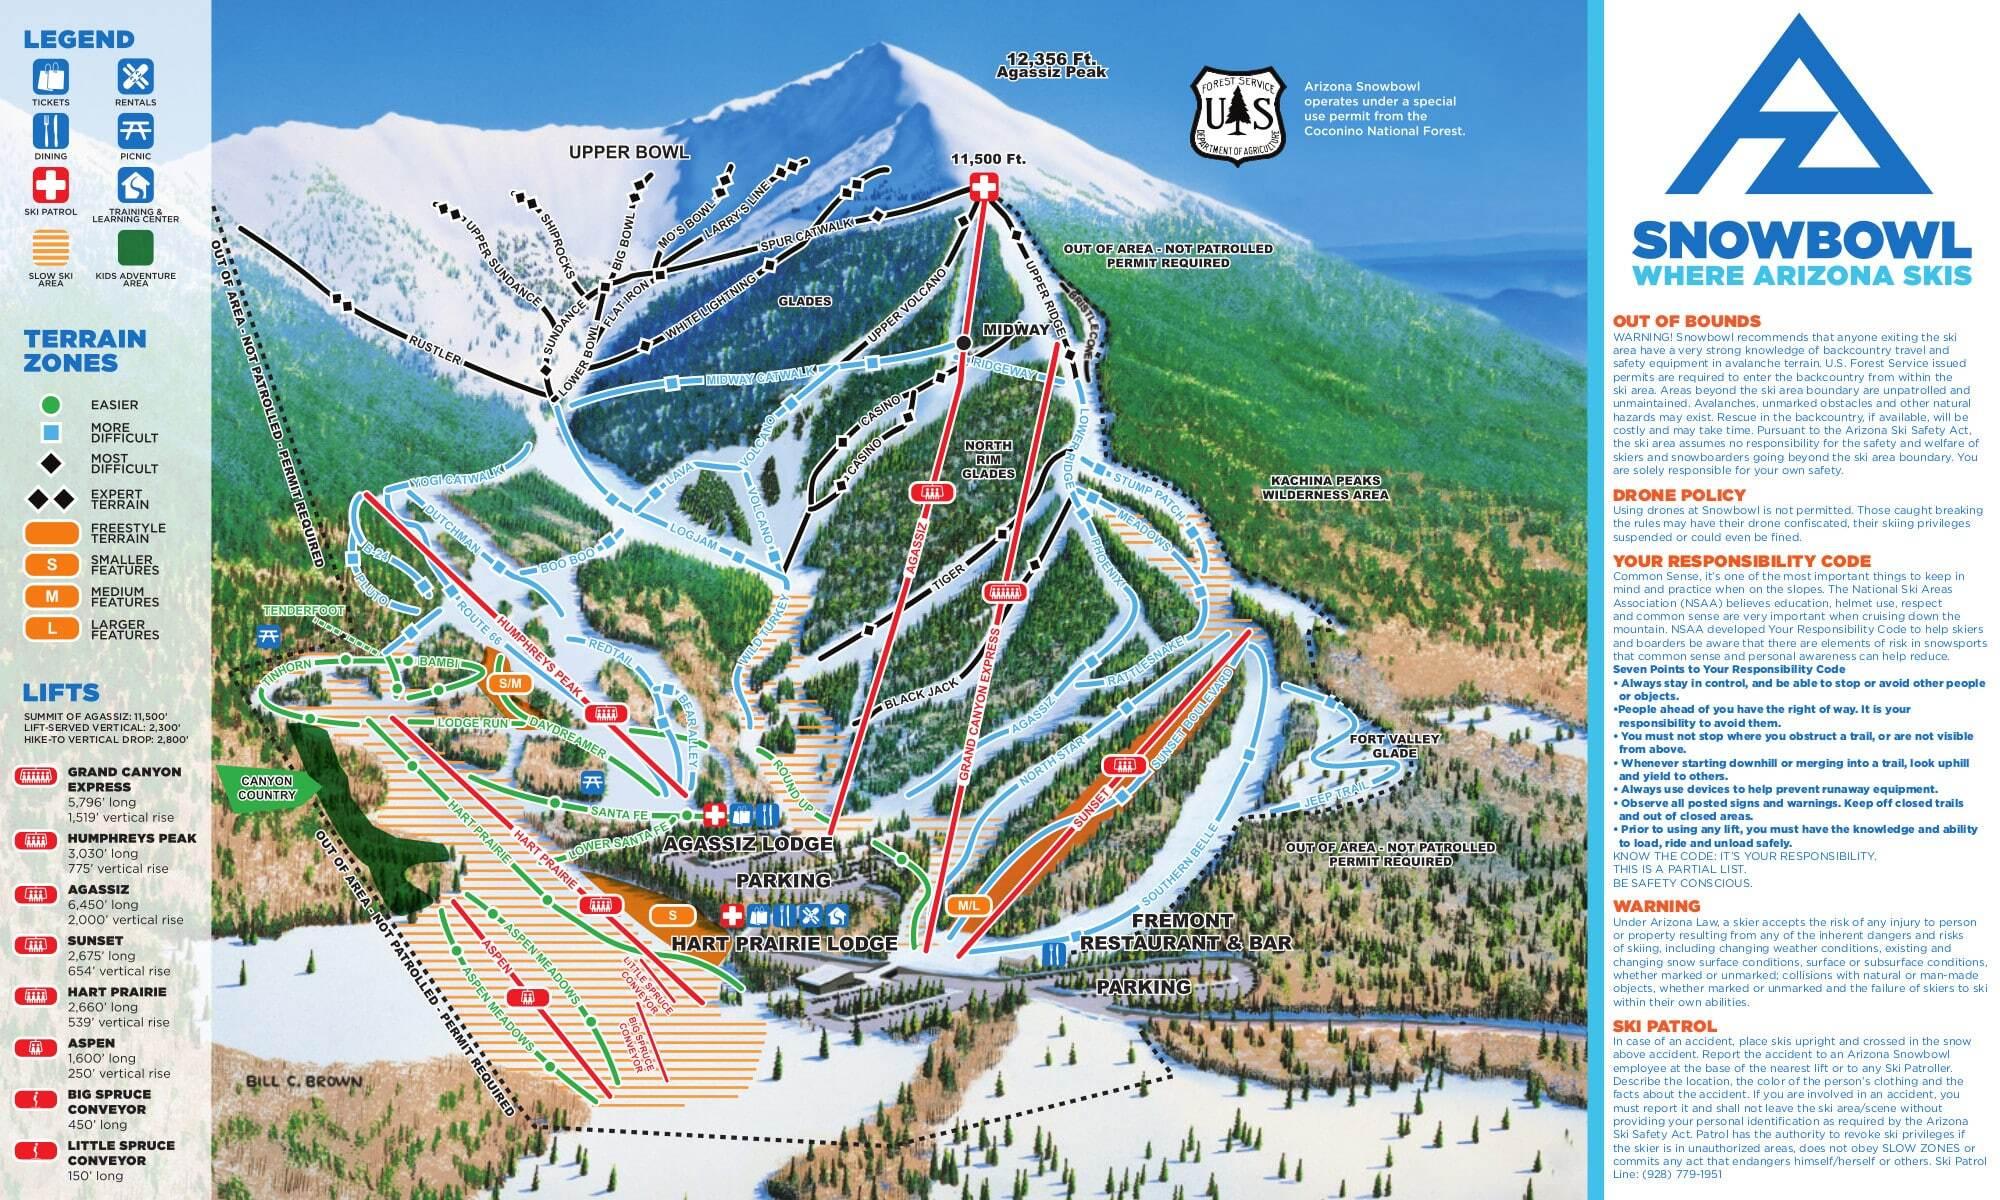 Arizona-Snowbowl_pistemap Snowbowl Map on flagstaff ski bowl map, lost trail map, whitefish mountain resort map, flagstaff az map, bridger bowl map, the arizona trail map,